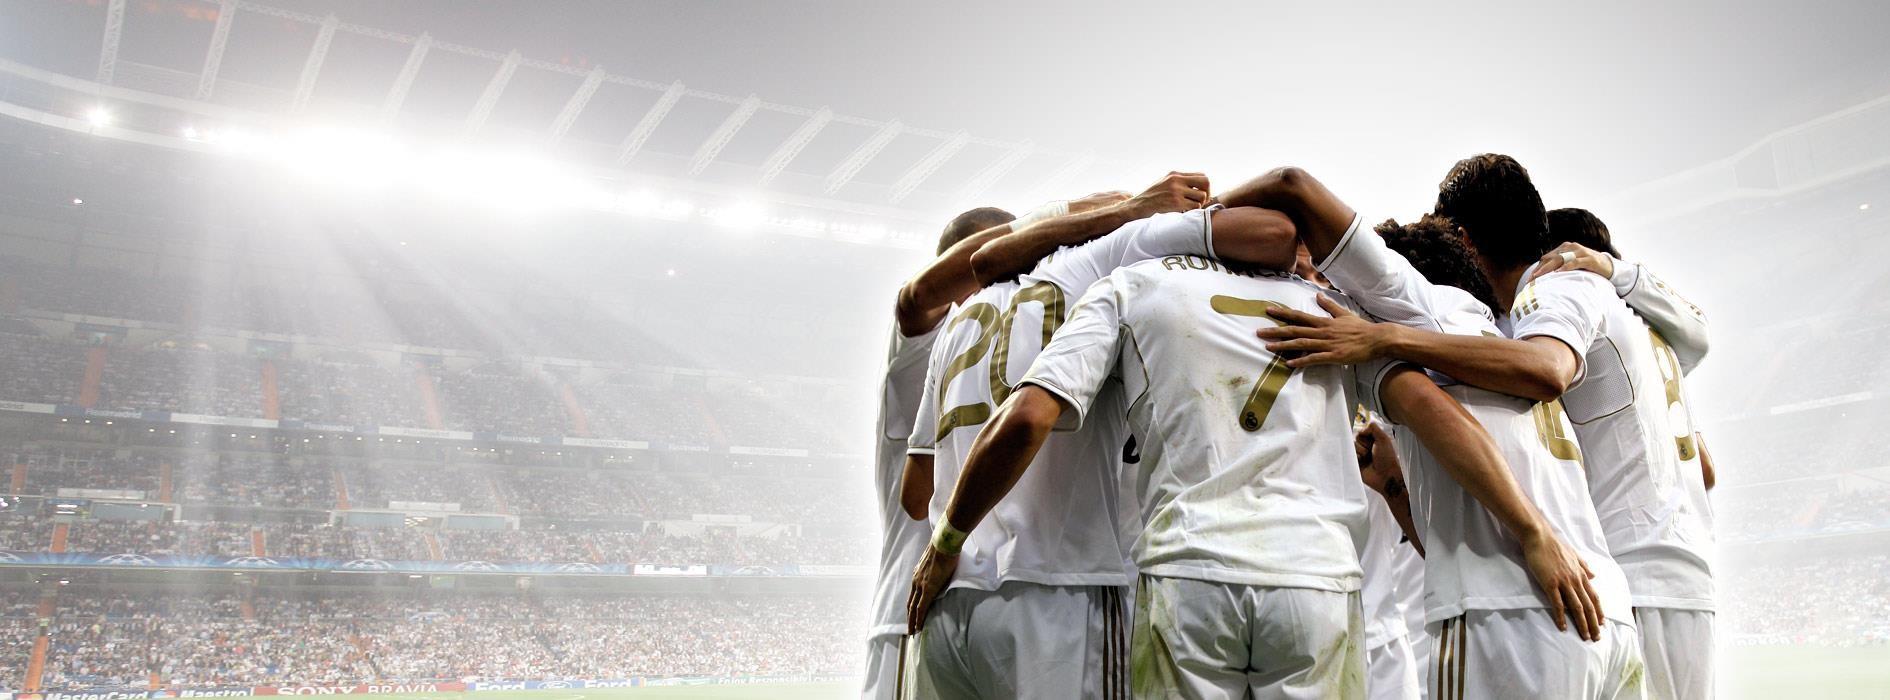 Sports Team Wallpaper 1890x700 Sports Team Real Real Madrid 1890x700